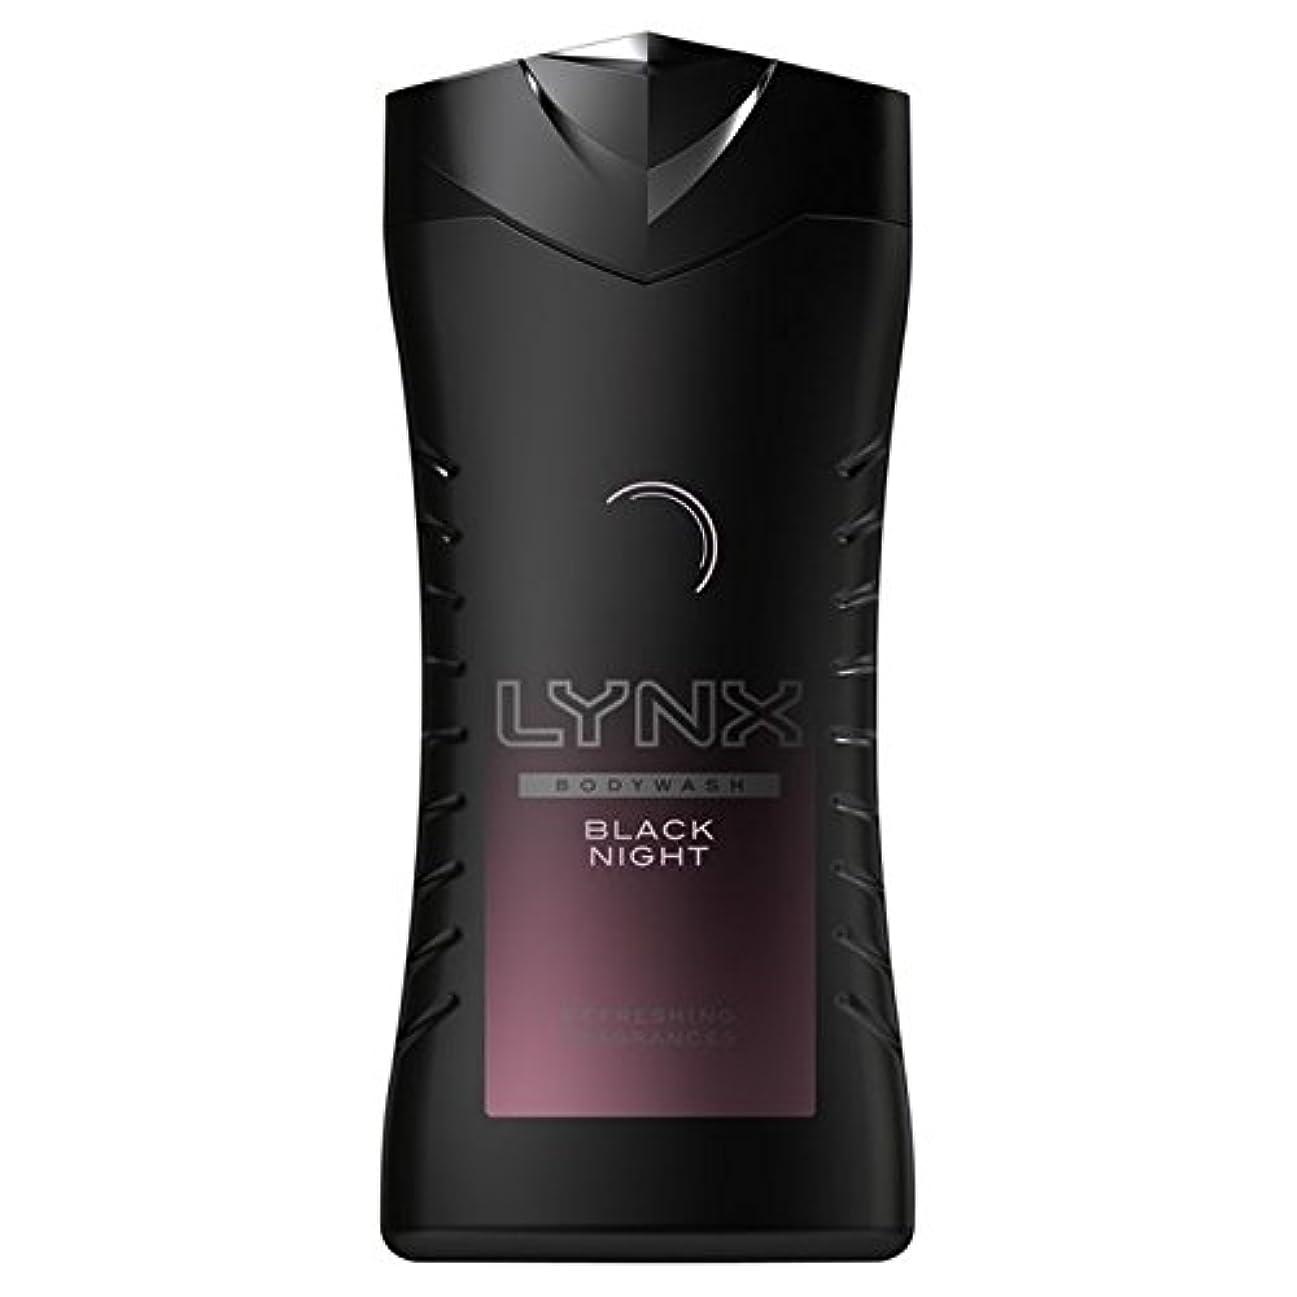 学ぶ作る口径Lynx Black Night Shower Gel 250ml - オオヤマネコ黒夜シャワージェル250ミリリットル [並行輸入品]